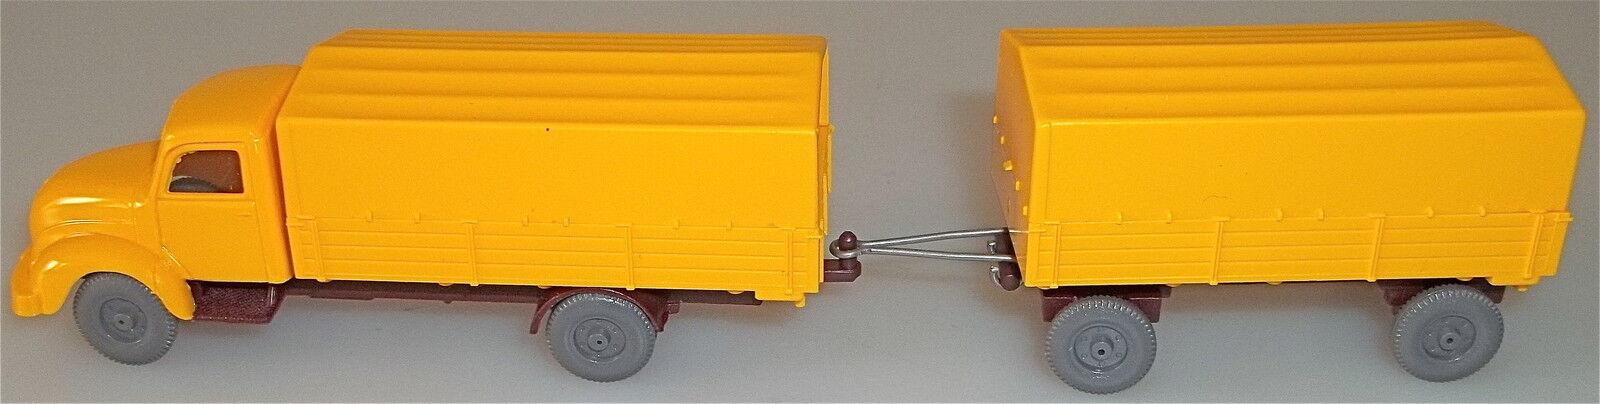 Pieux MAGIRUS rundhauber hängerzug jaune Mesureur h0 1 87 å